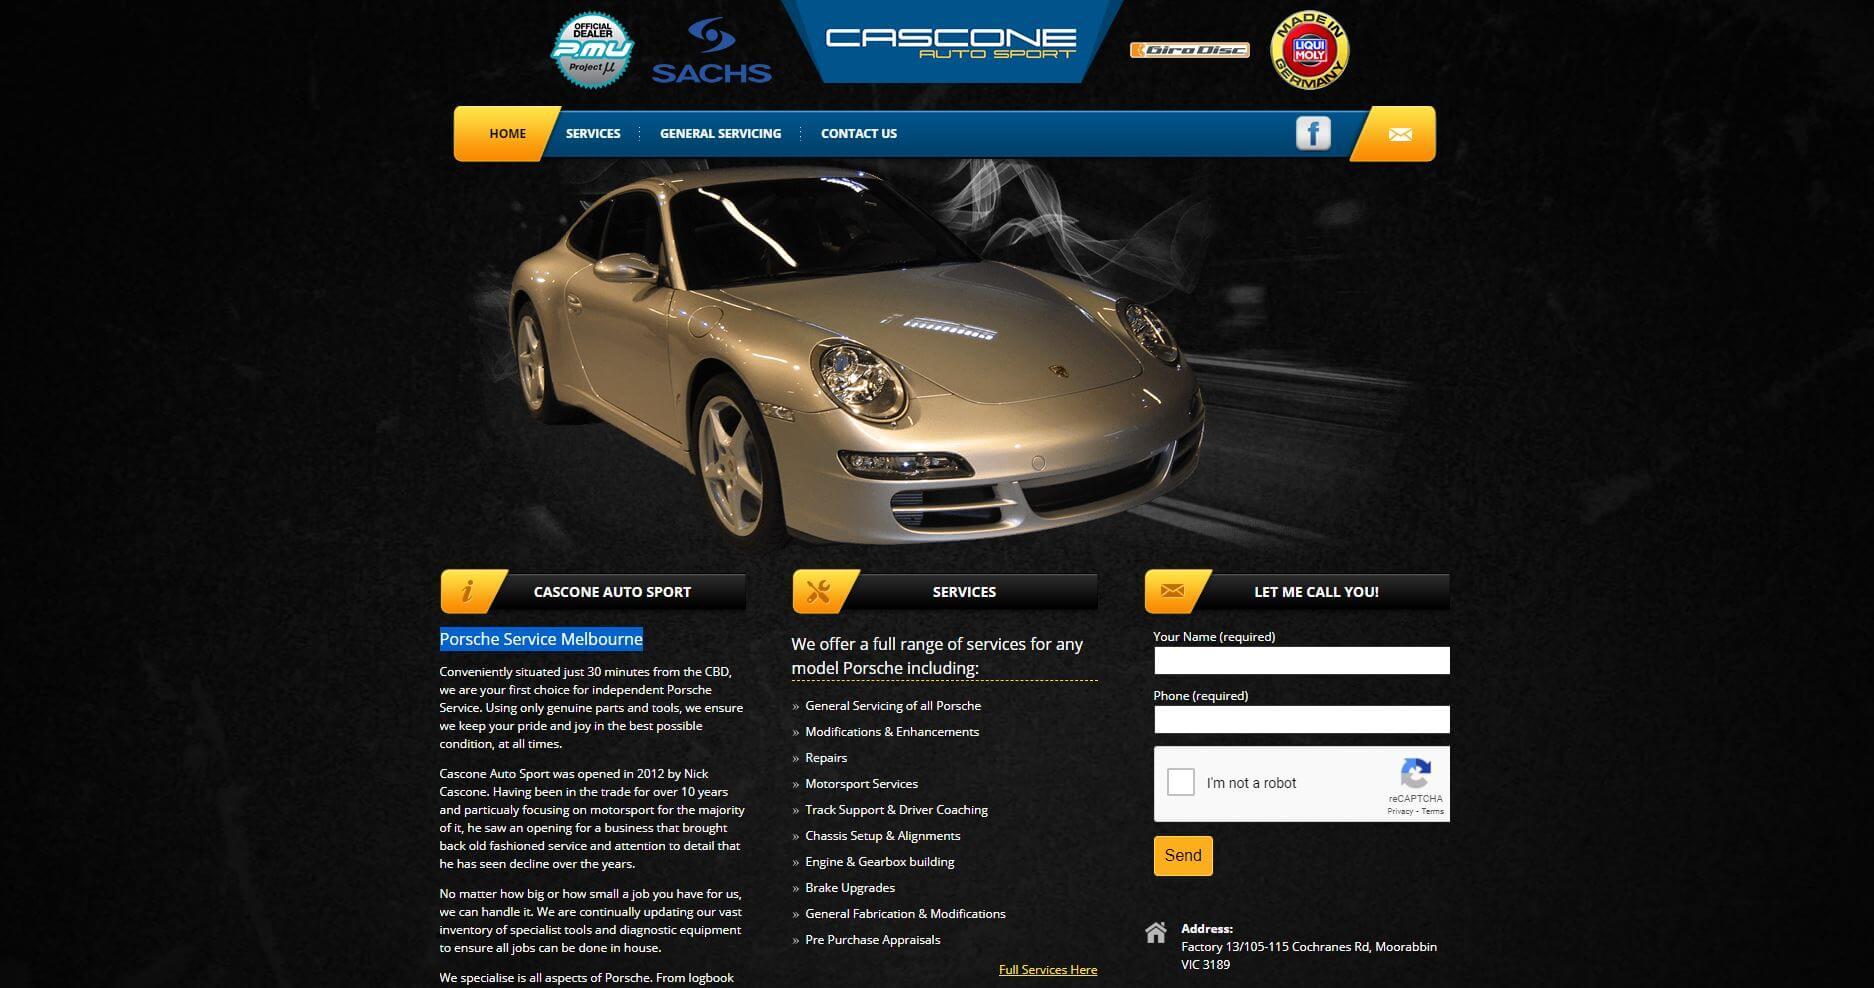 Cascone Auto Sport